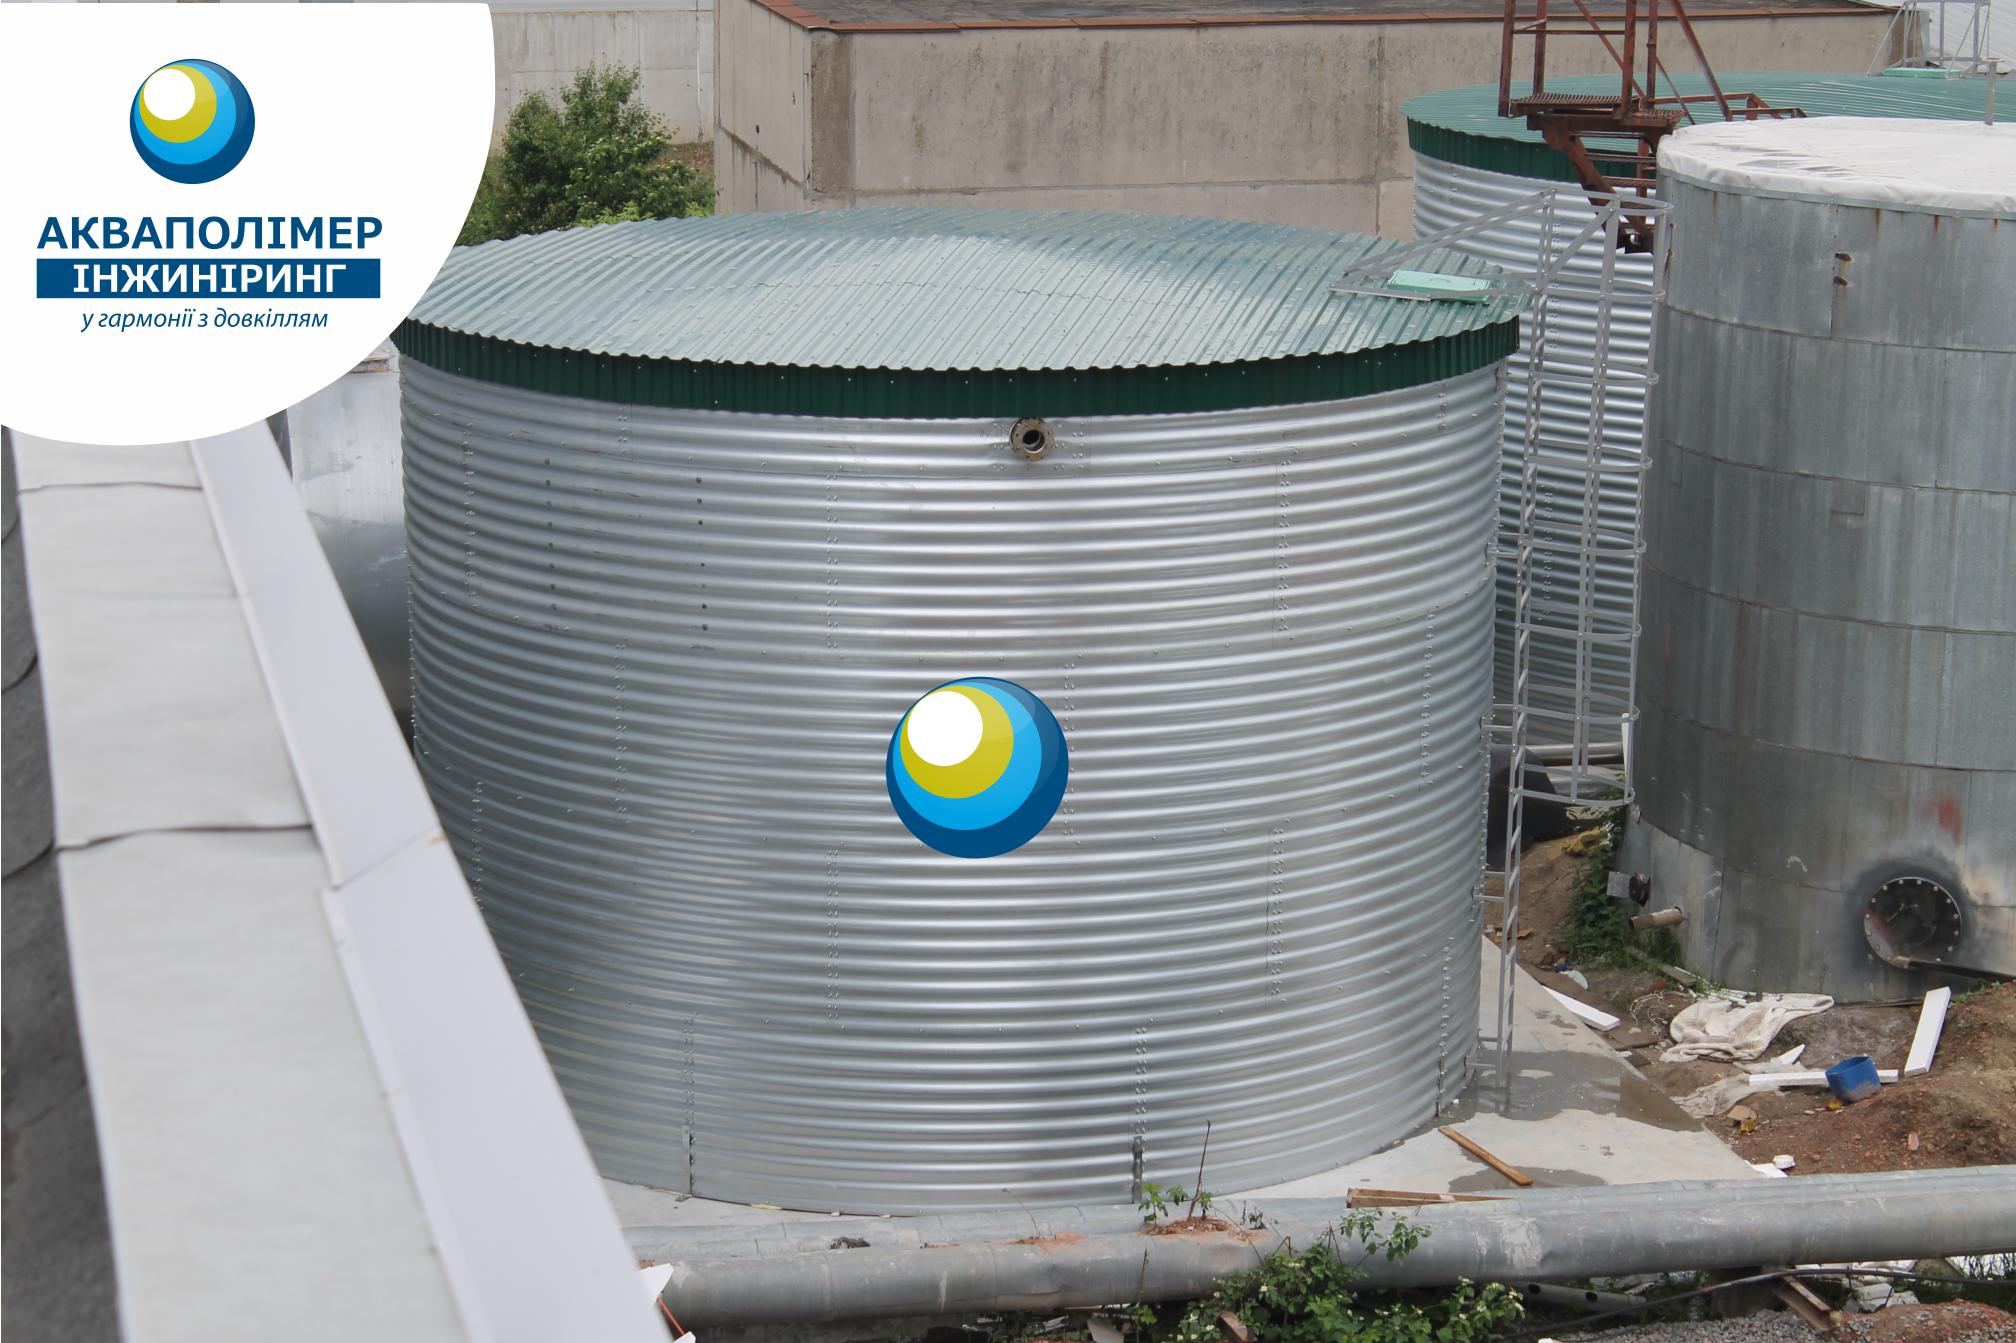 Резервуари для зберігання питної і технічної води